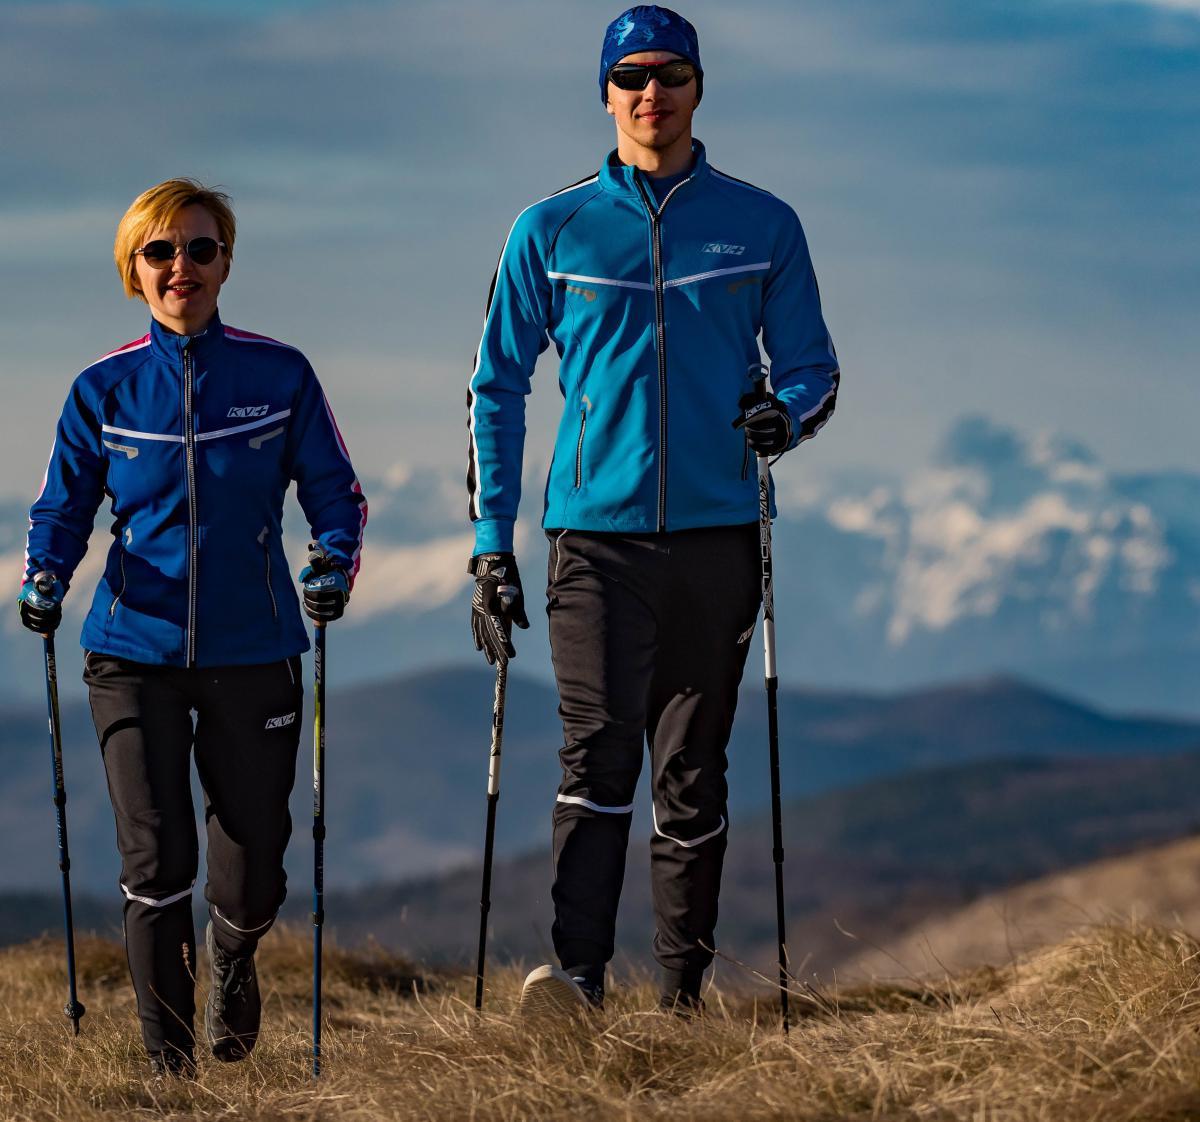 Оздоровительная ходьба с палками для пожилых людей